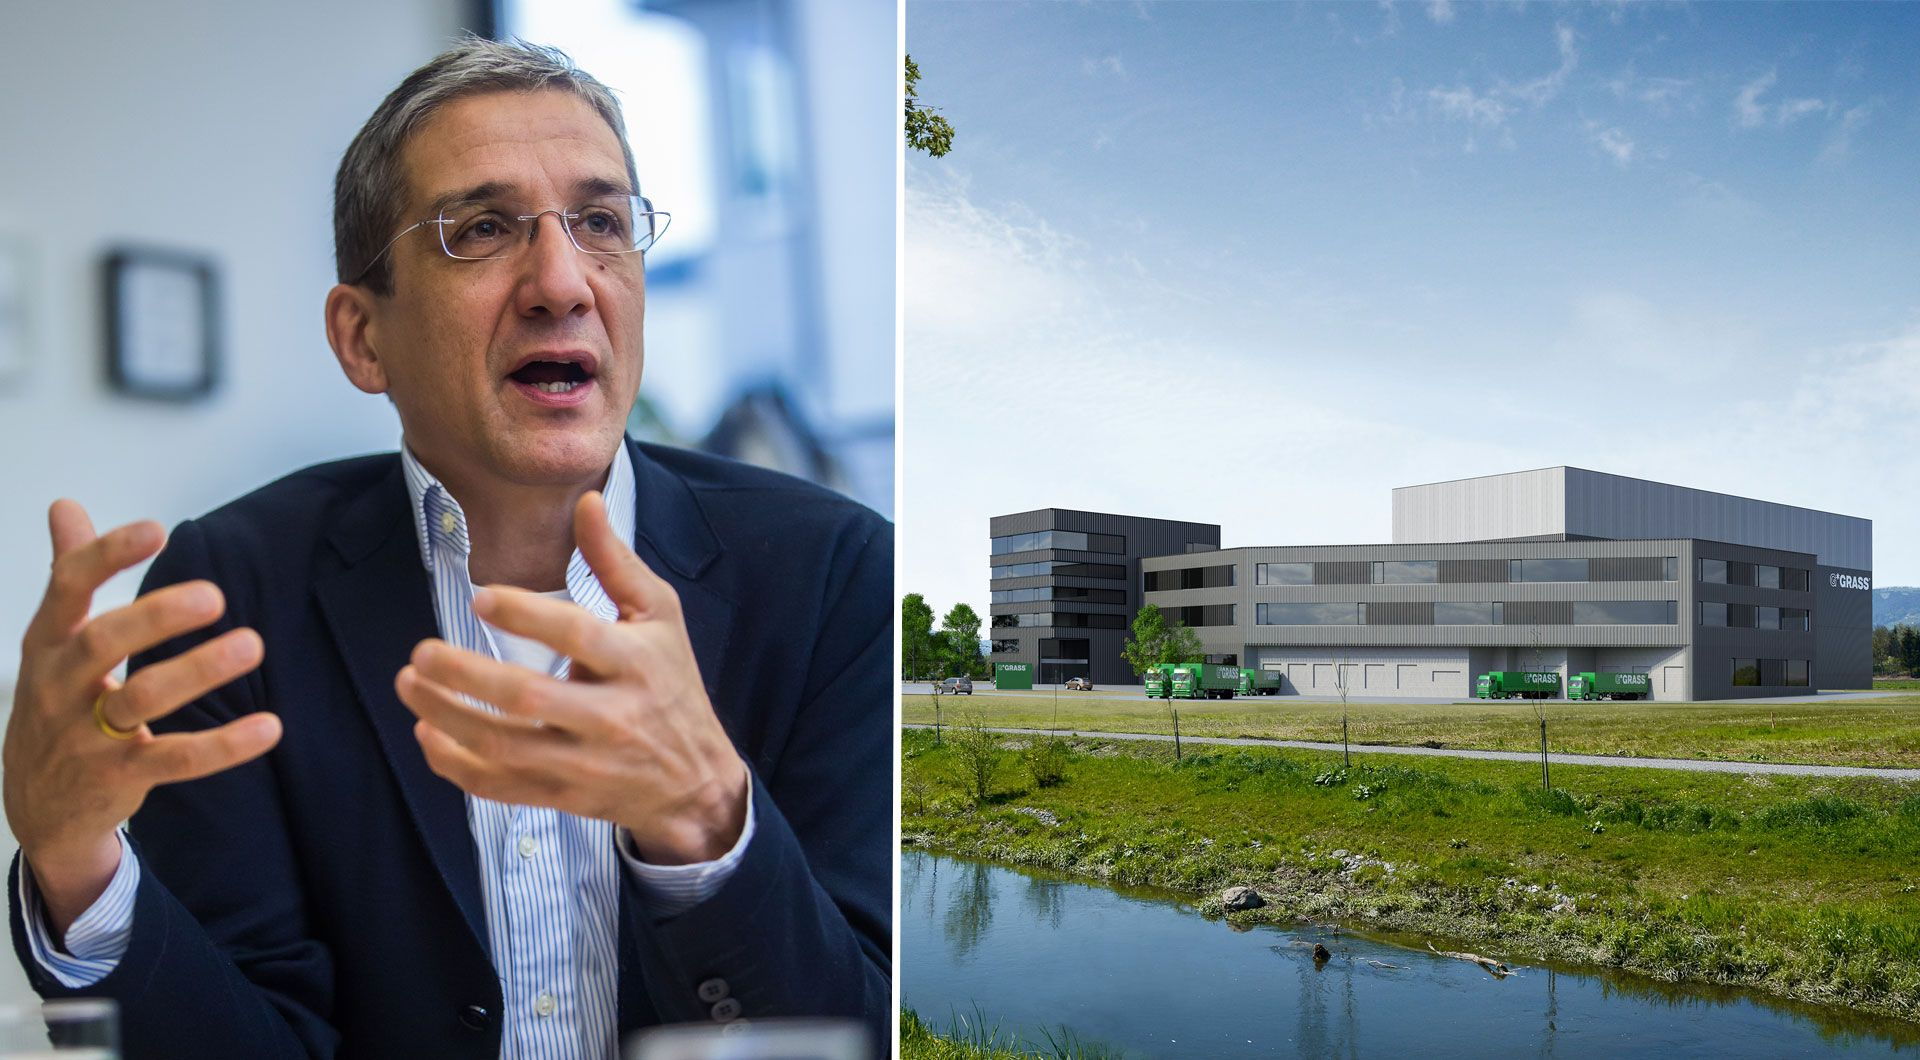 Vorarlberg: Landesvolksanwalt kritisiert Baustart in Hohenems scharf